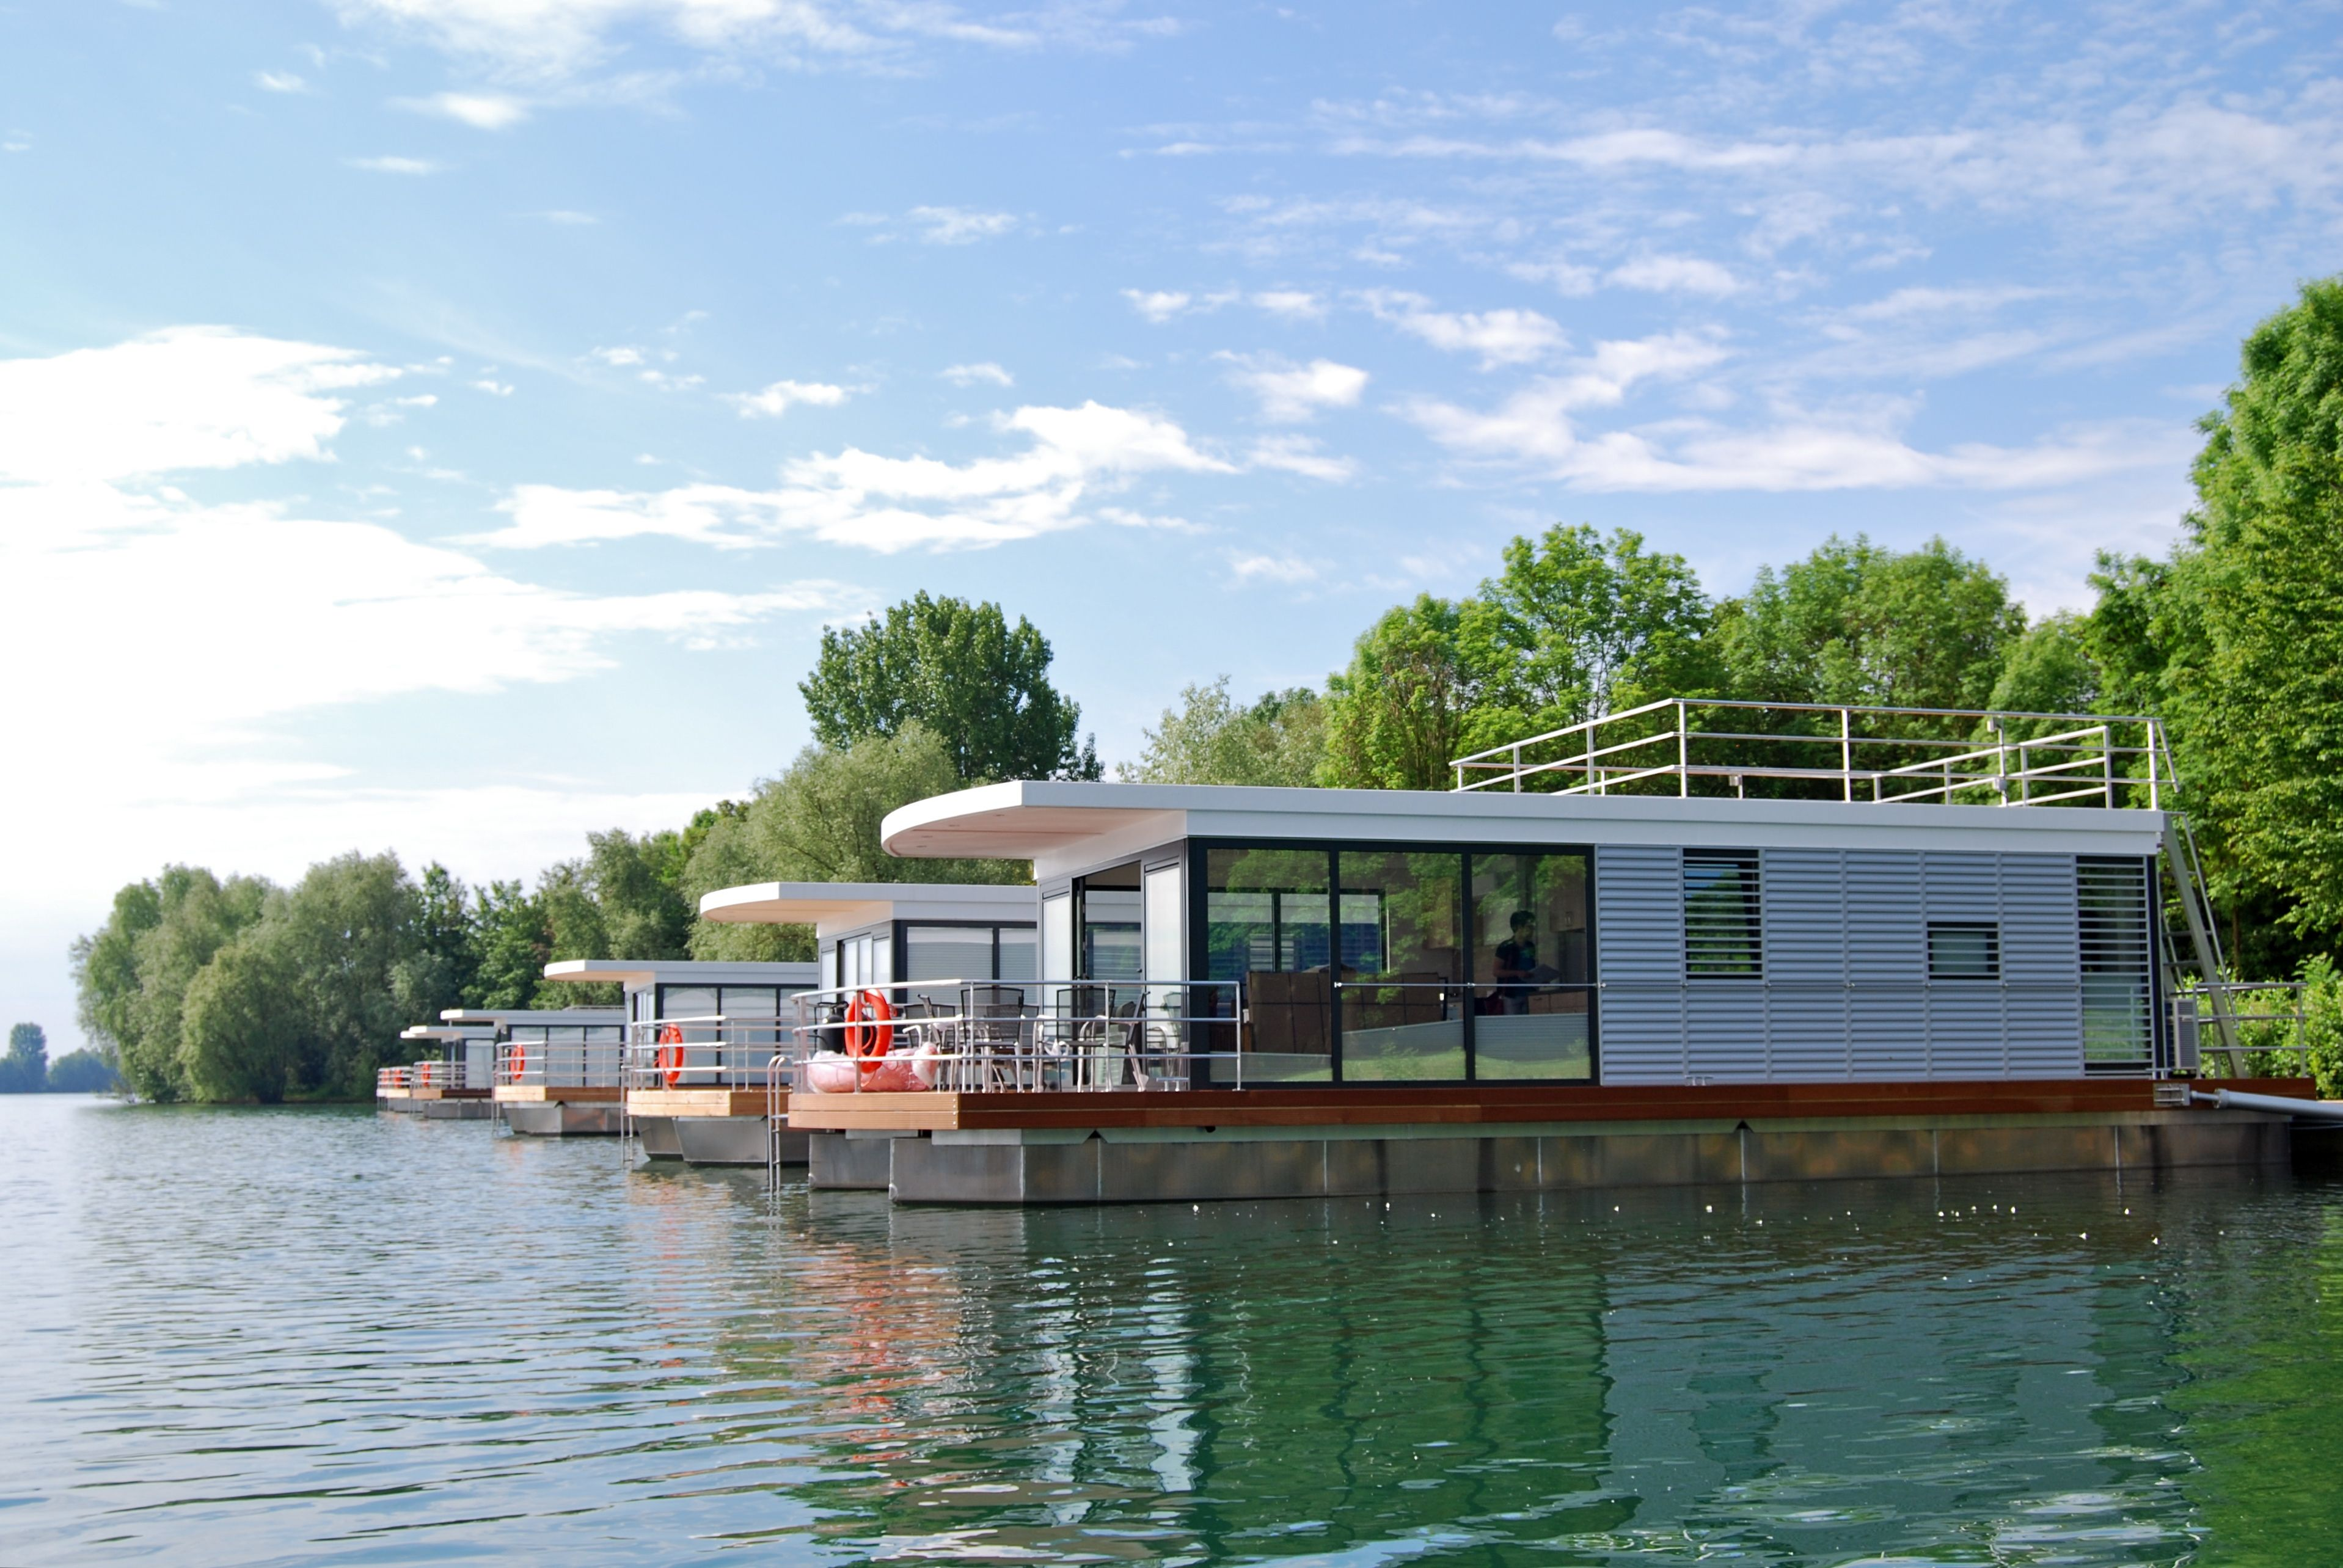 Hausboote vom Typ floating 44 von floating house aus Berlin - Die Hausboote befinden sich in Xanten am Rhein. Alle Hausboote kann man für den Urlaub mieten!